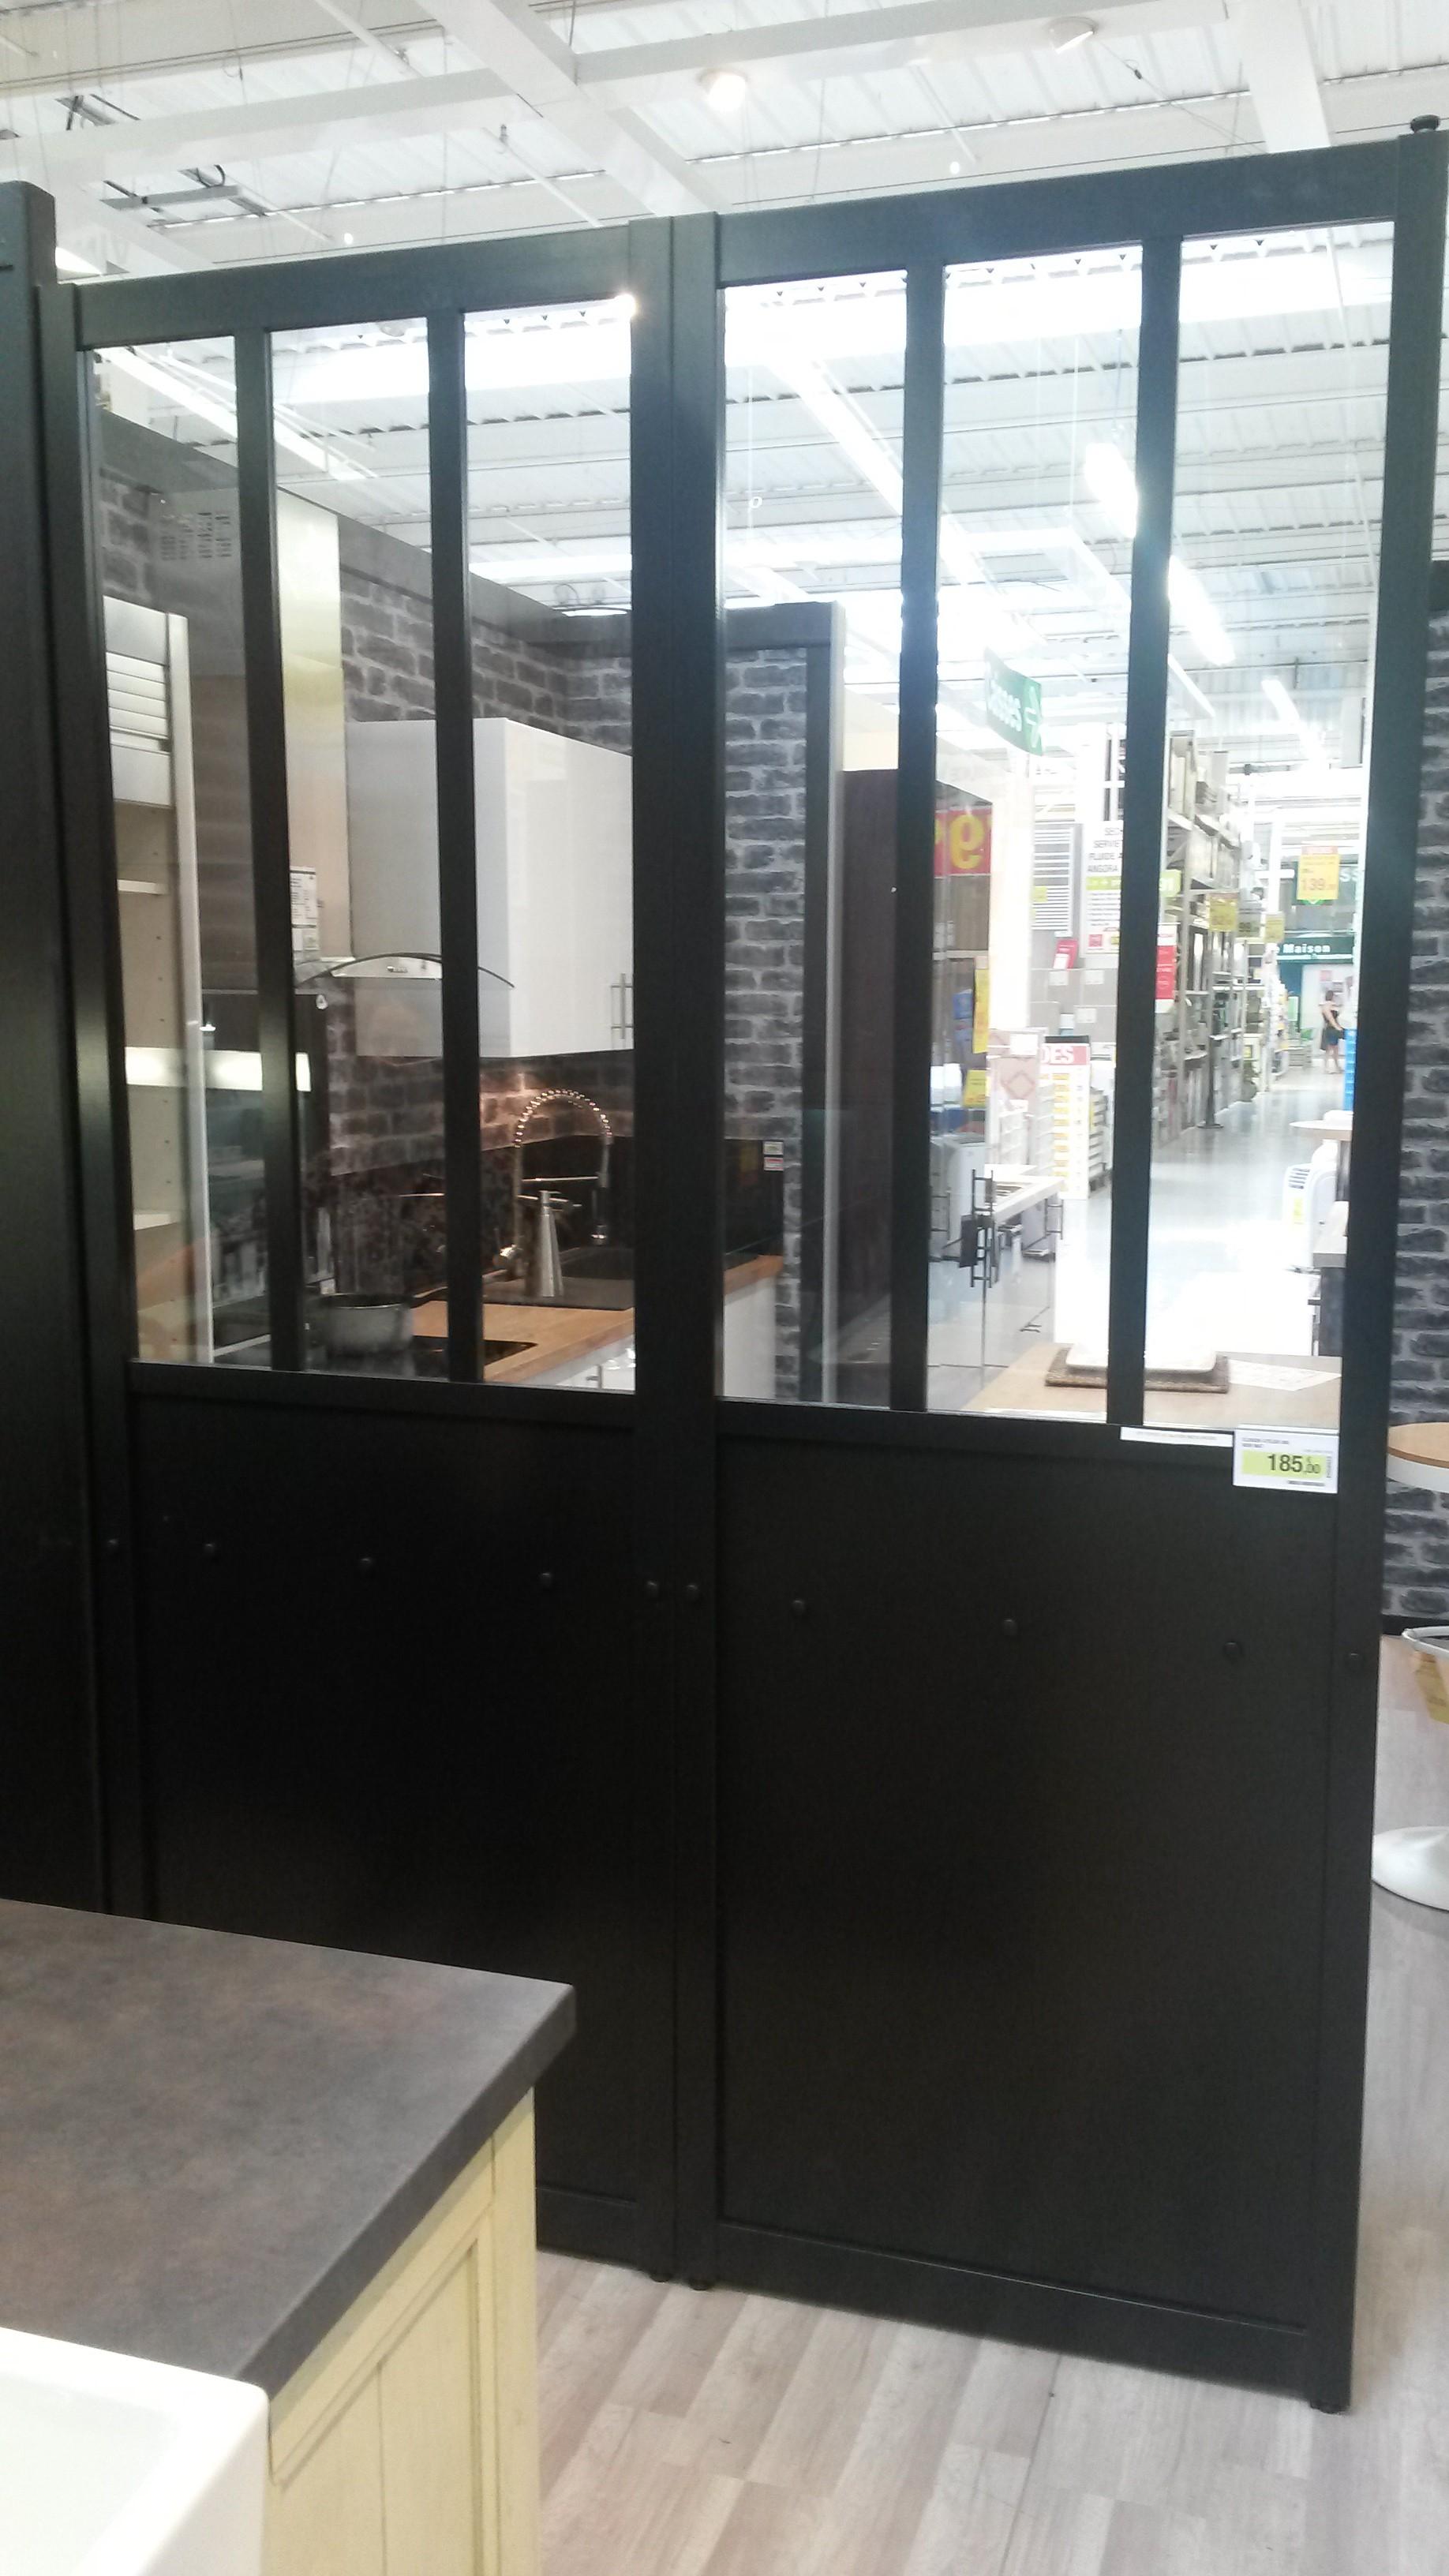 Verrière atelier Lapeyre Nouveau Photos Emejing Verriere Salle De Bain Leroy Merlin S Awesome